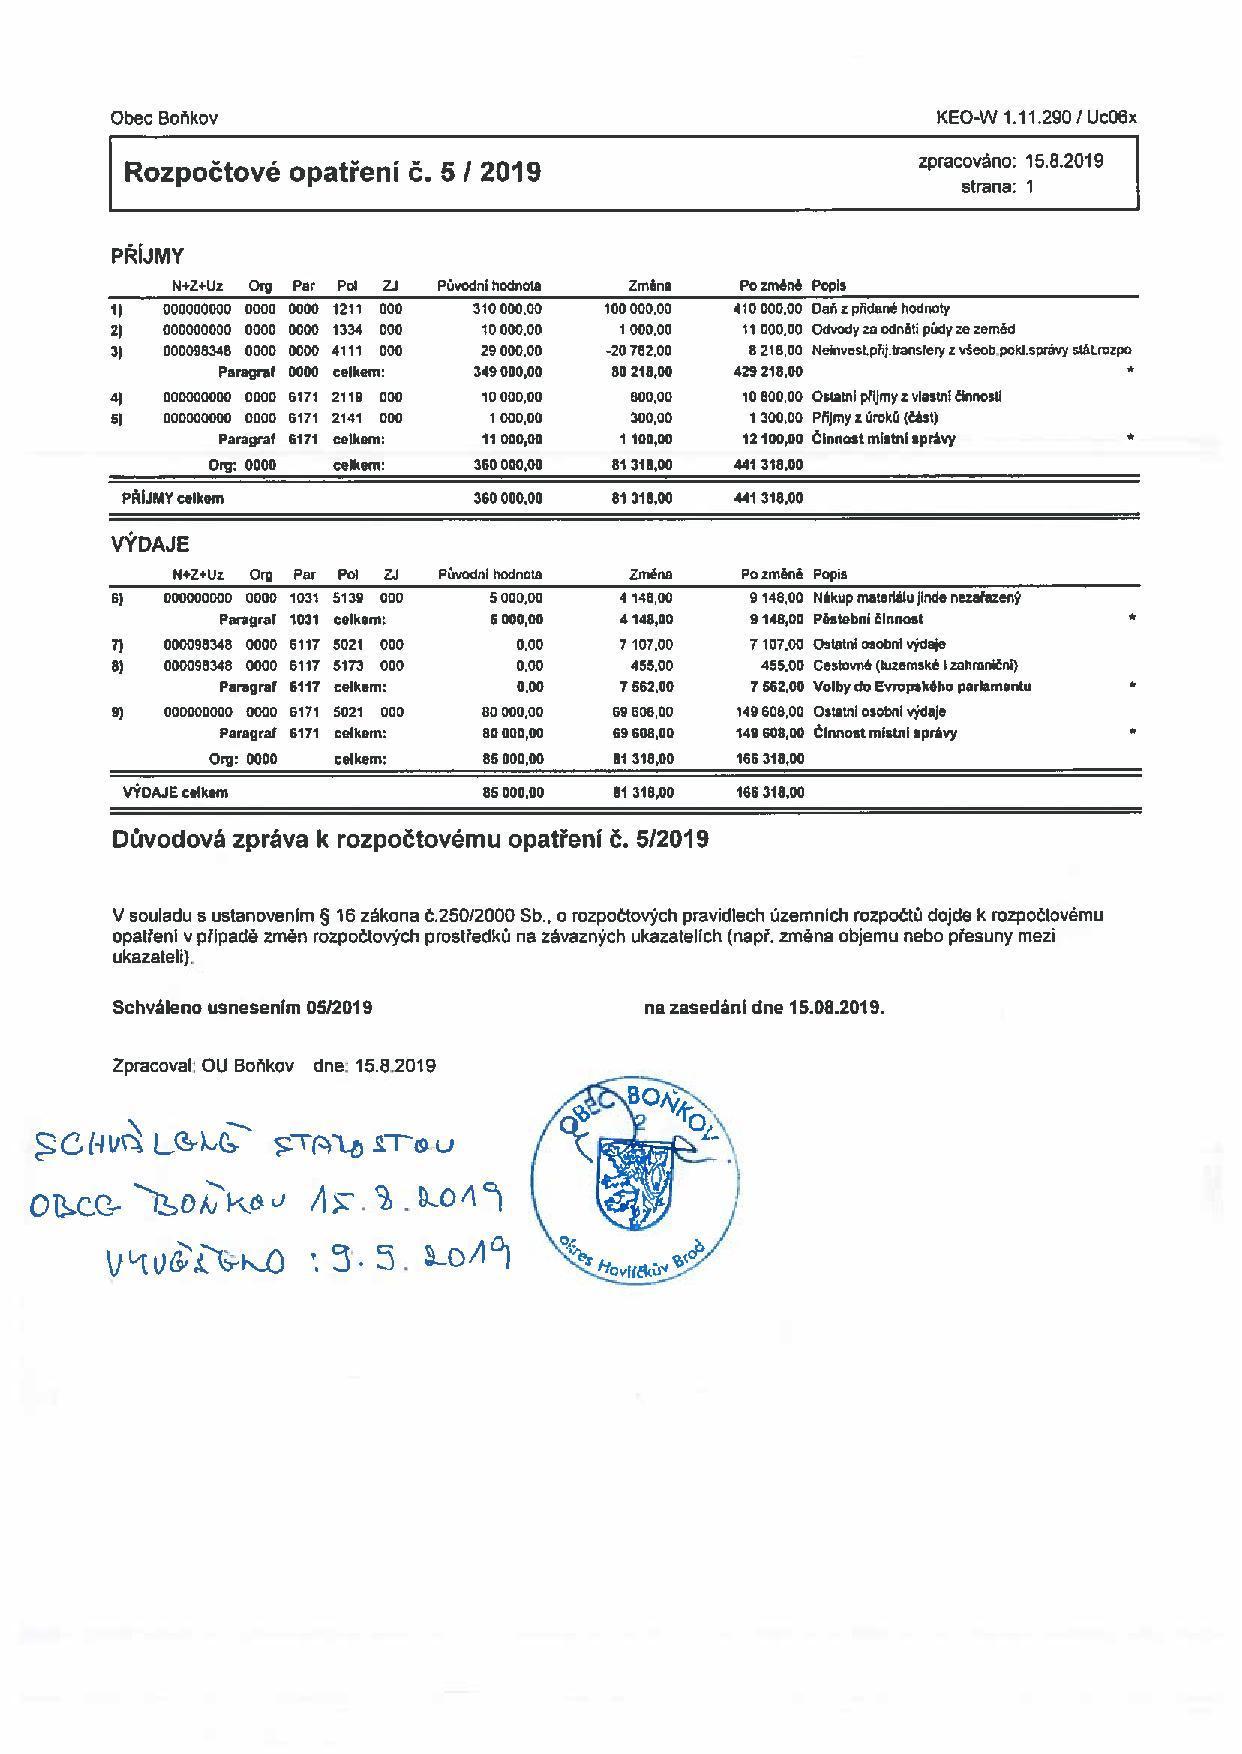 Rozpočtové opatření č.5/2019